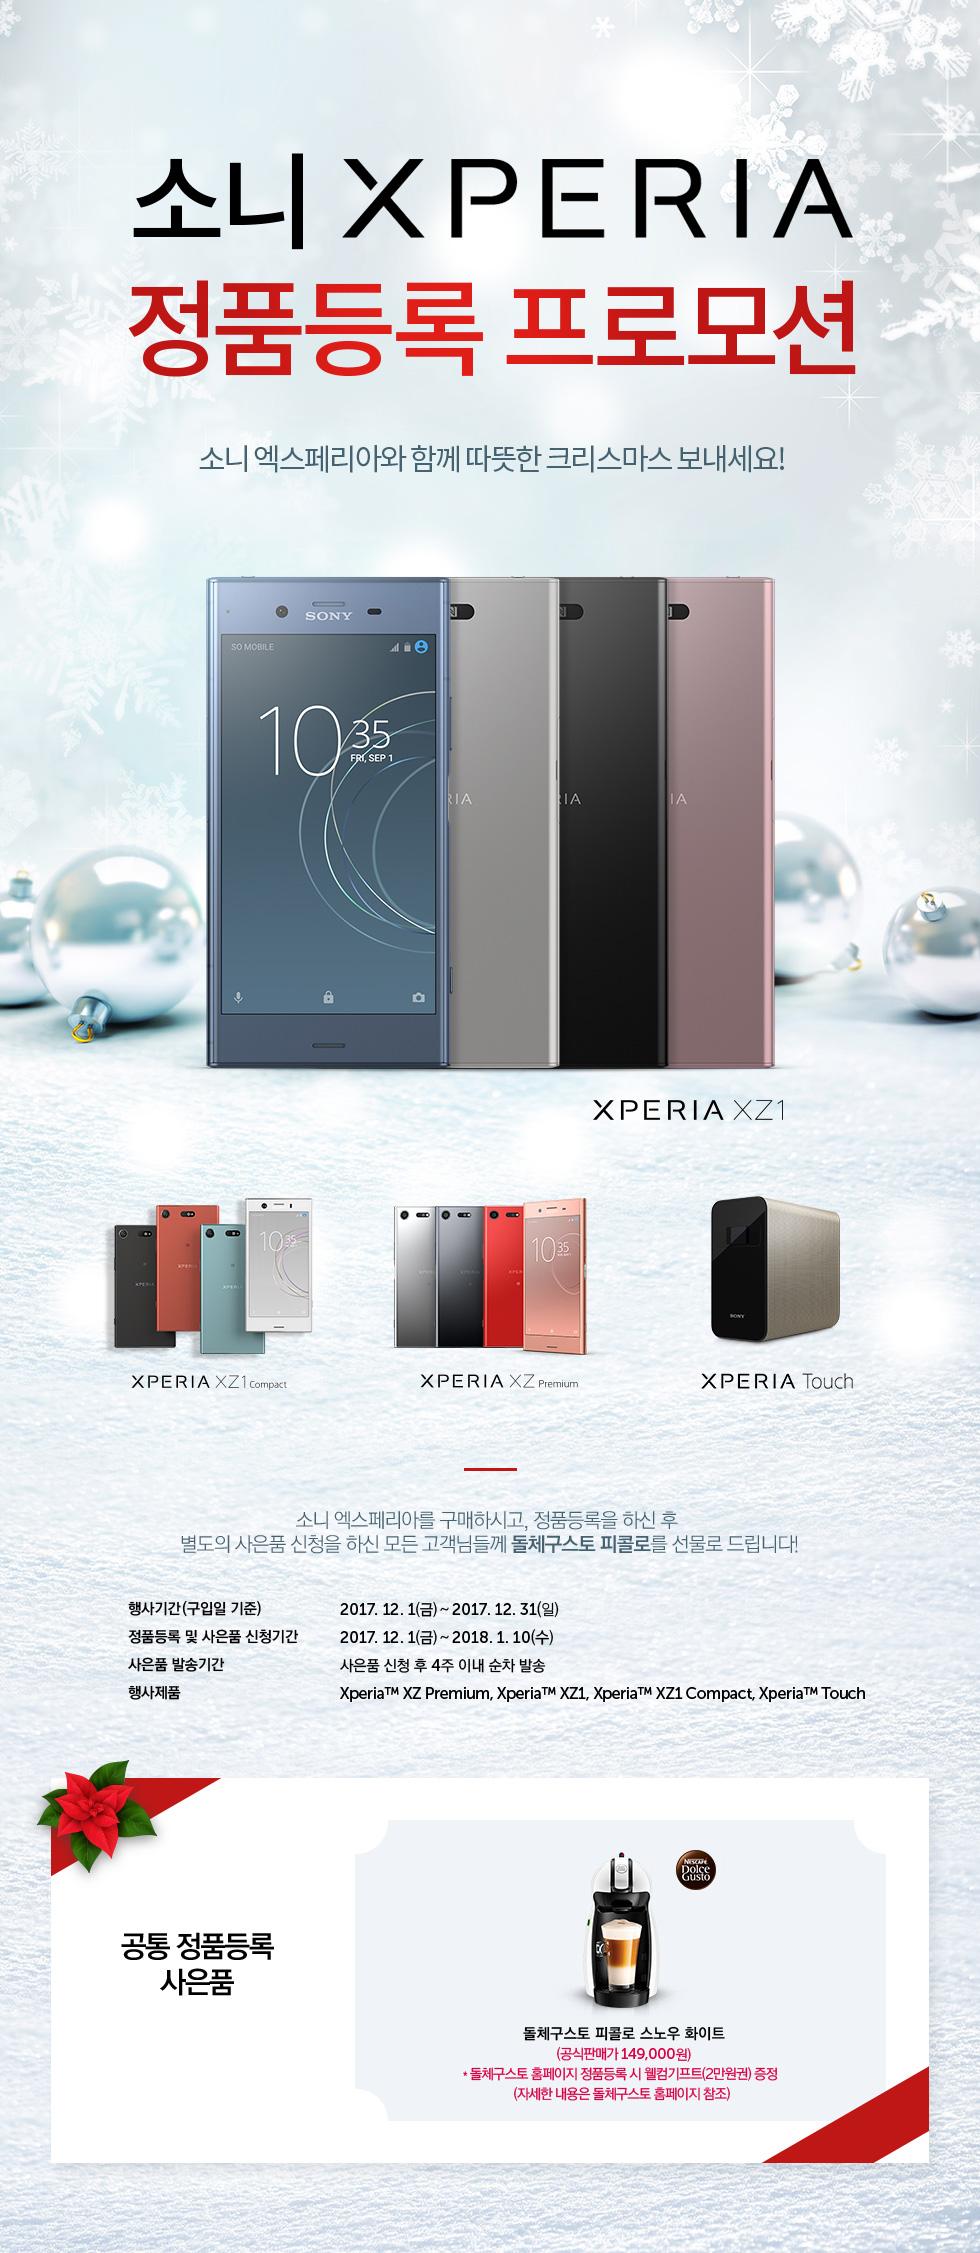 소니 Xperia 정품등록 프로모션